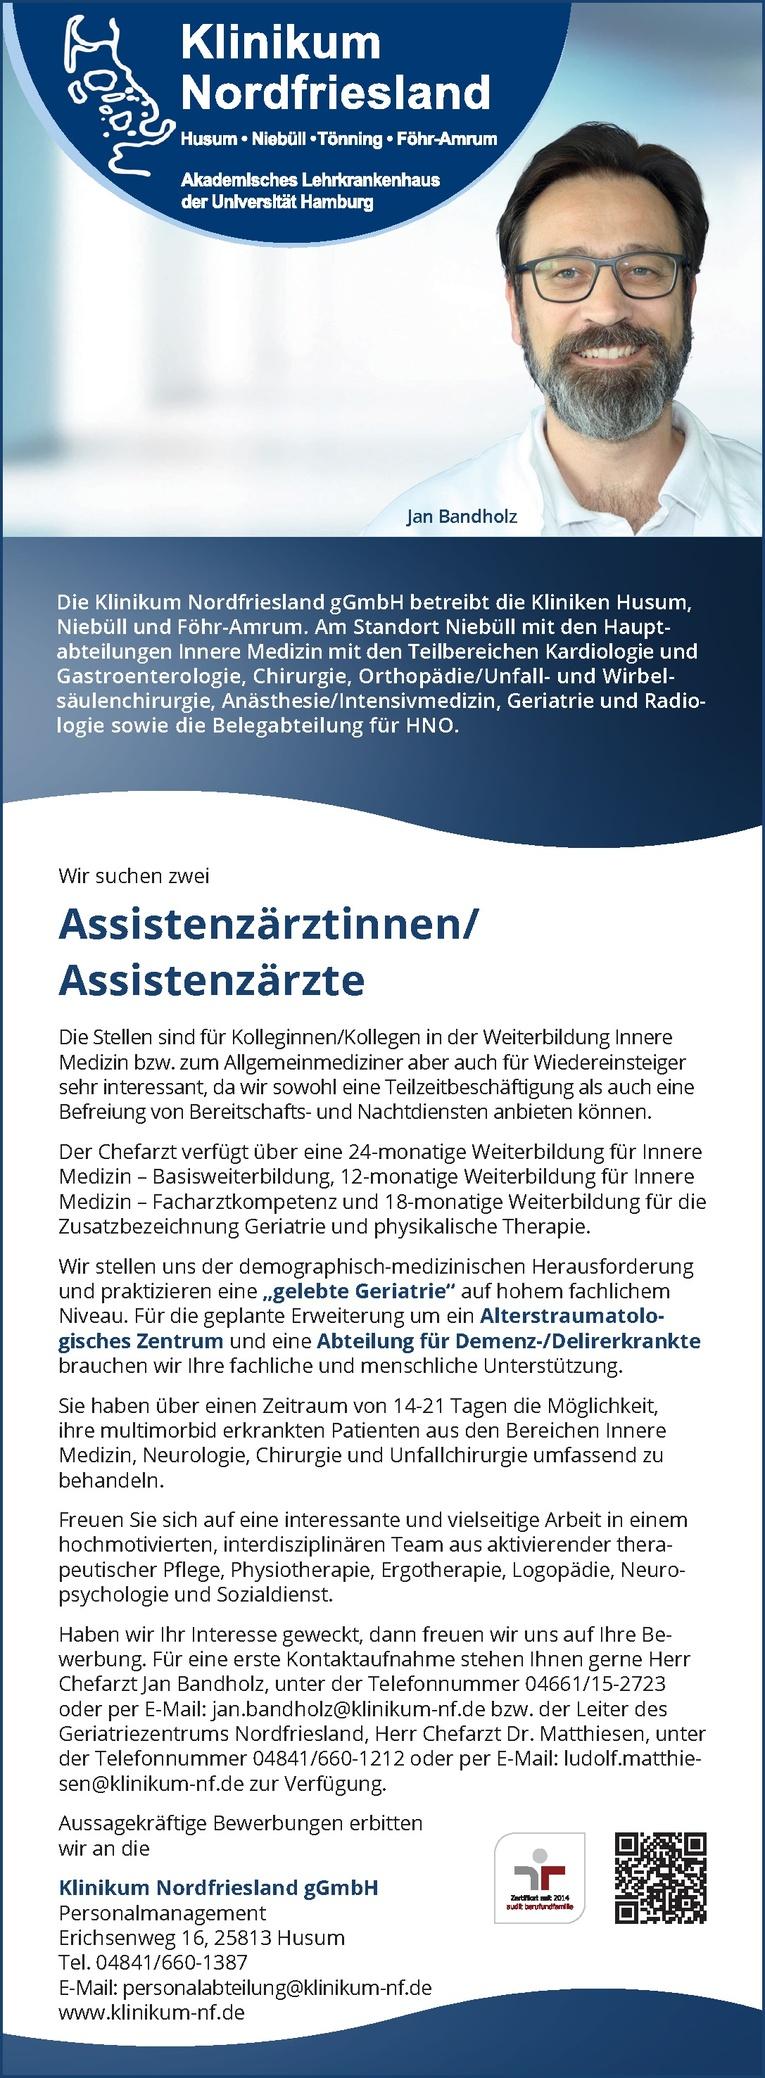 Assistenzärtinnen/Assistenzärzte Geriatrie